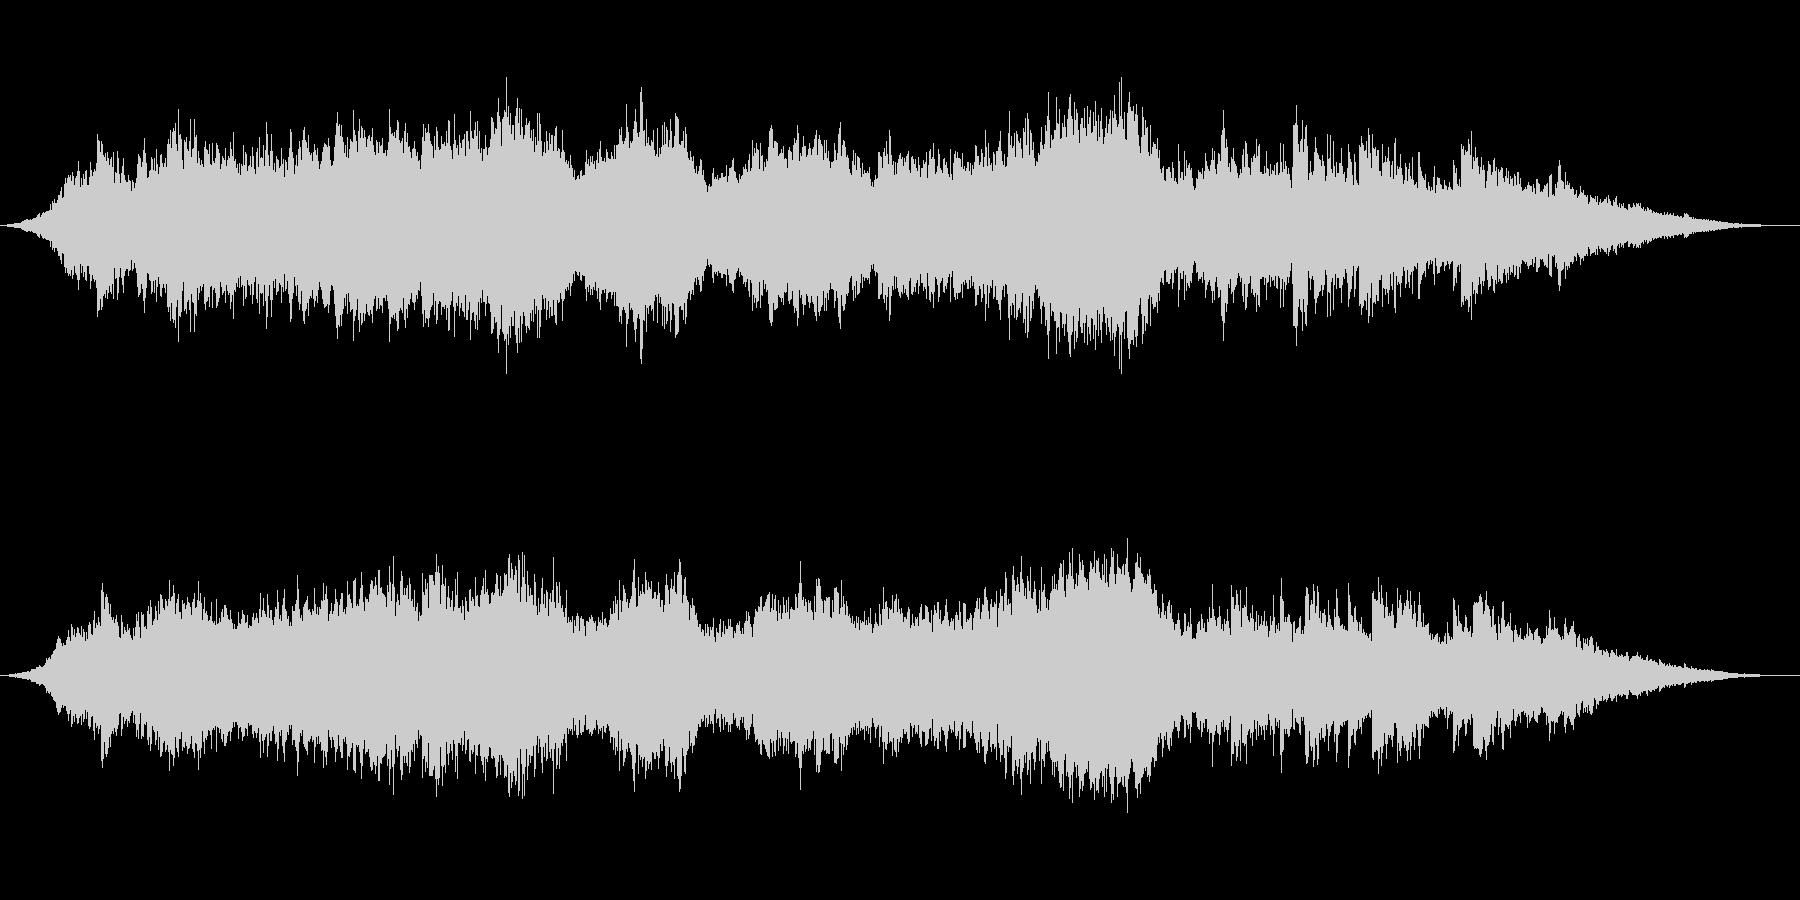 神秘的な雰囲気のアンビエント背景音11の未再生の波形